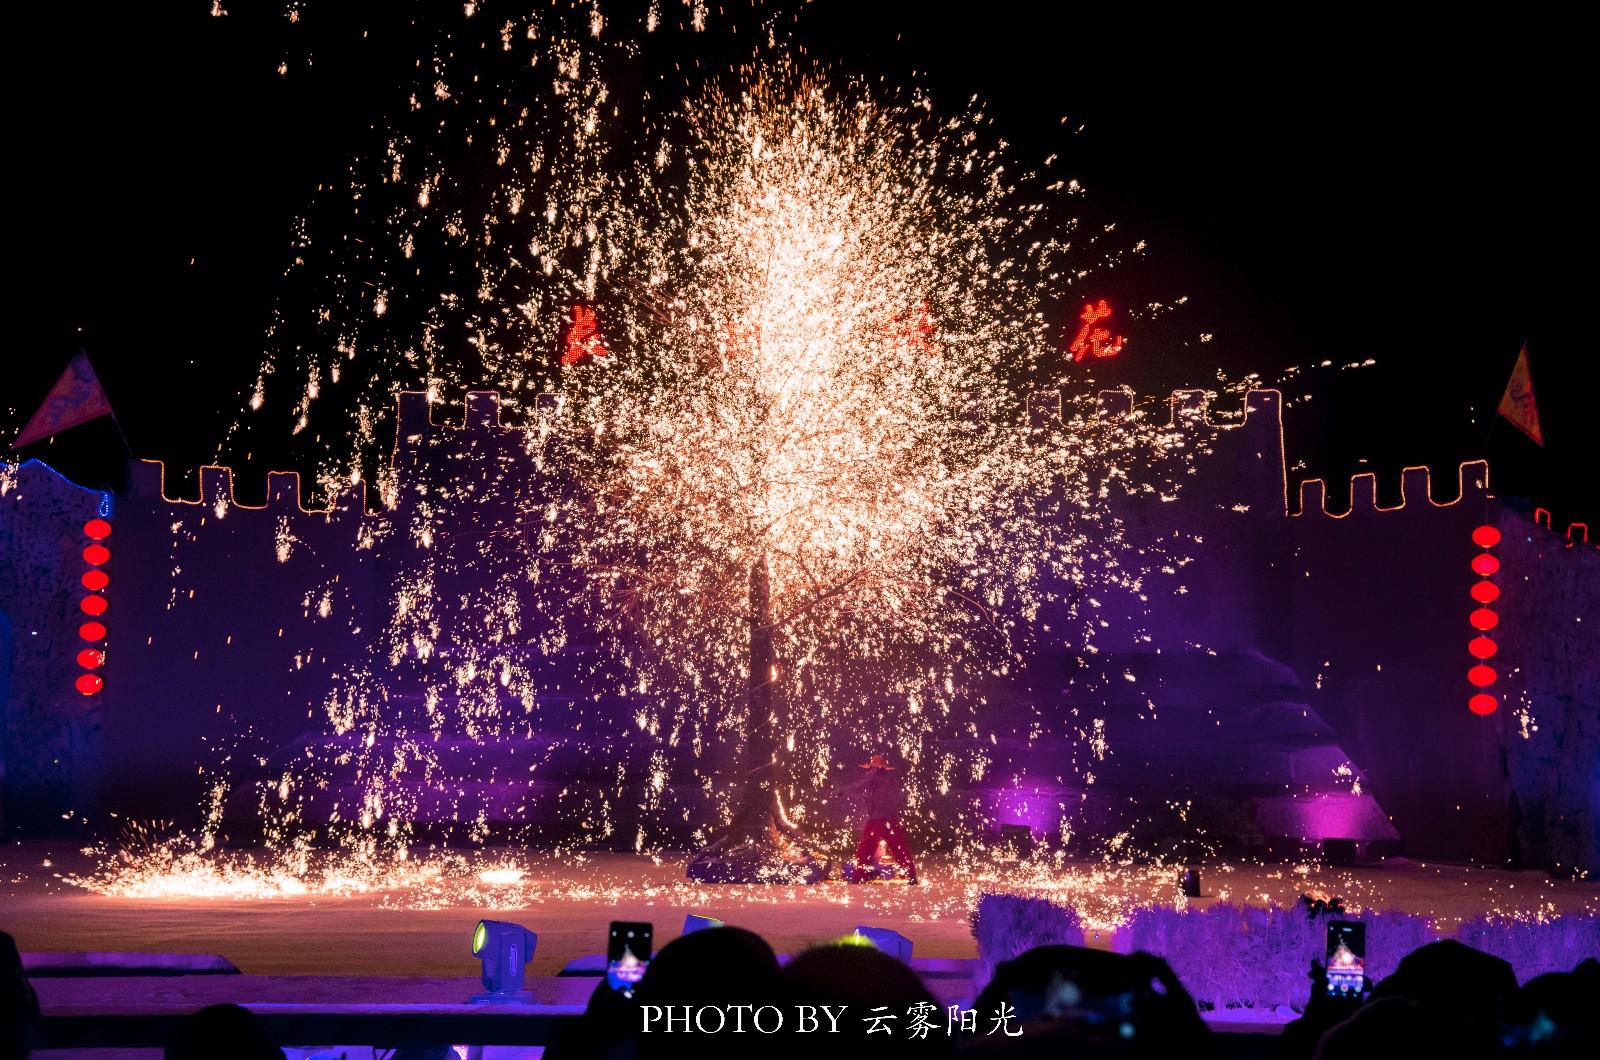 【新年輕度假】冬天的煙火,長城腳下的浪漫